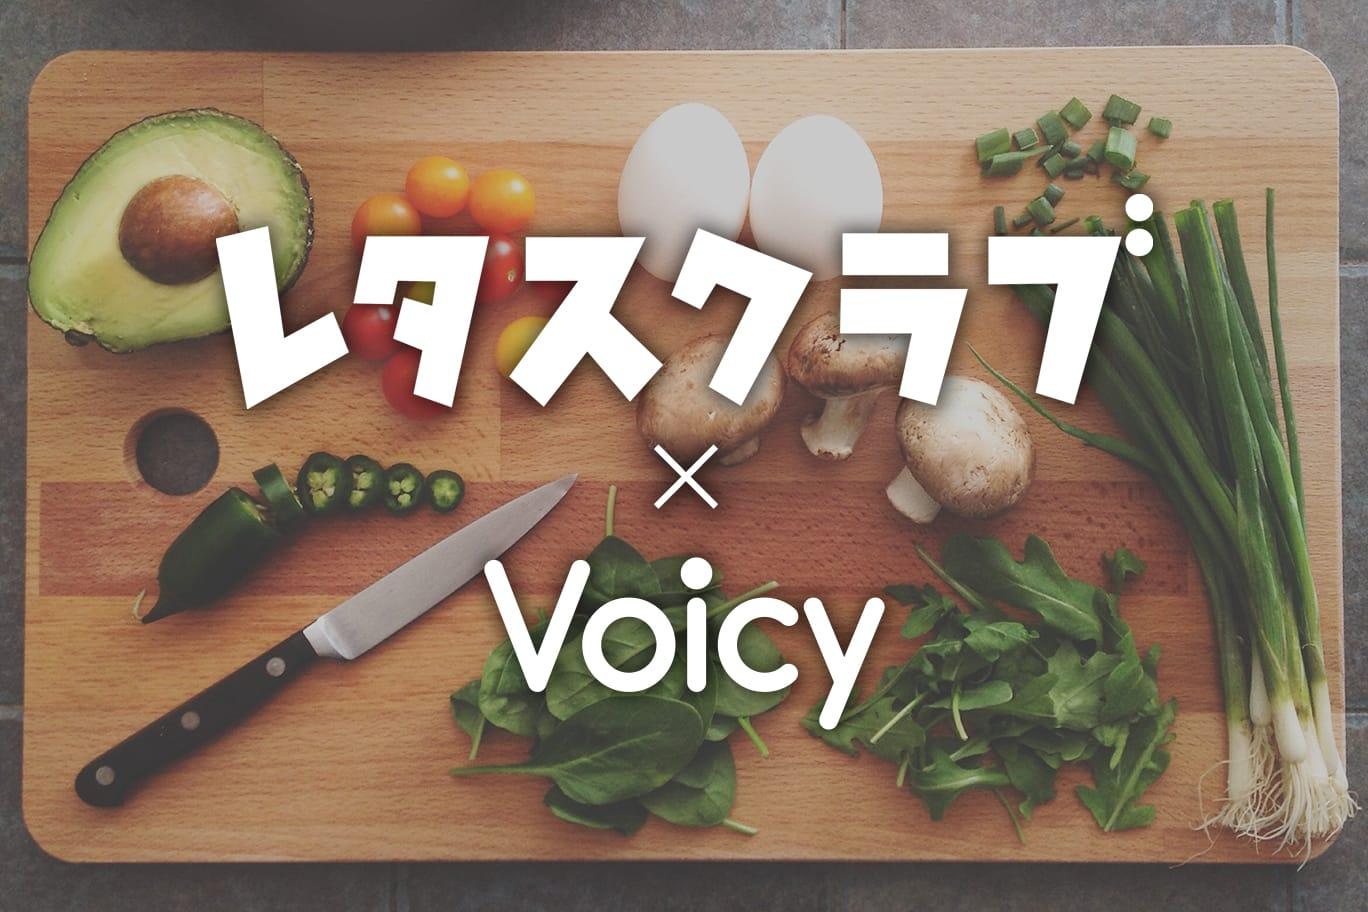 Voicyの検索機能をより使いやすくリニューアルしました